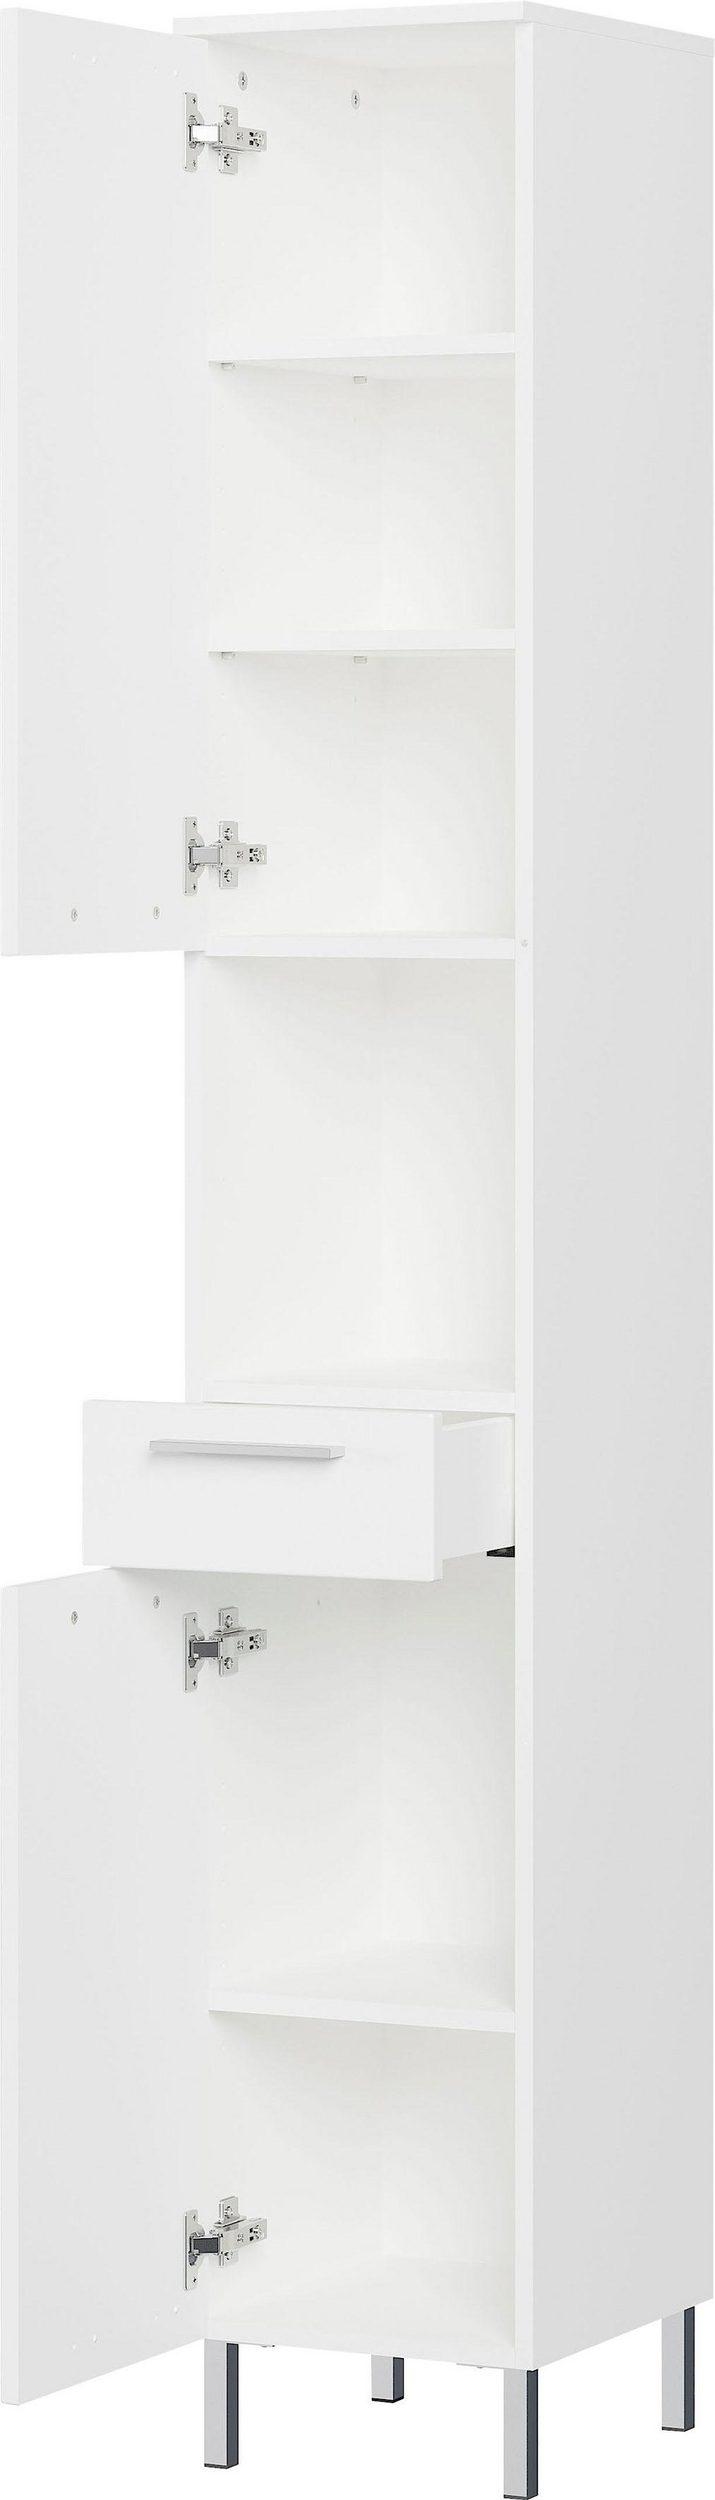 Badkamerkast Arvada 190 cm hoog in wit